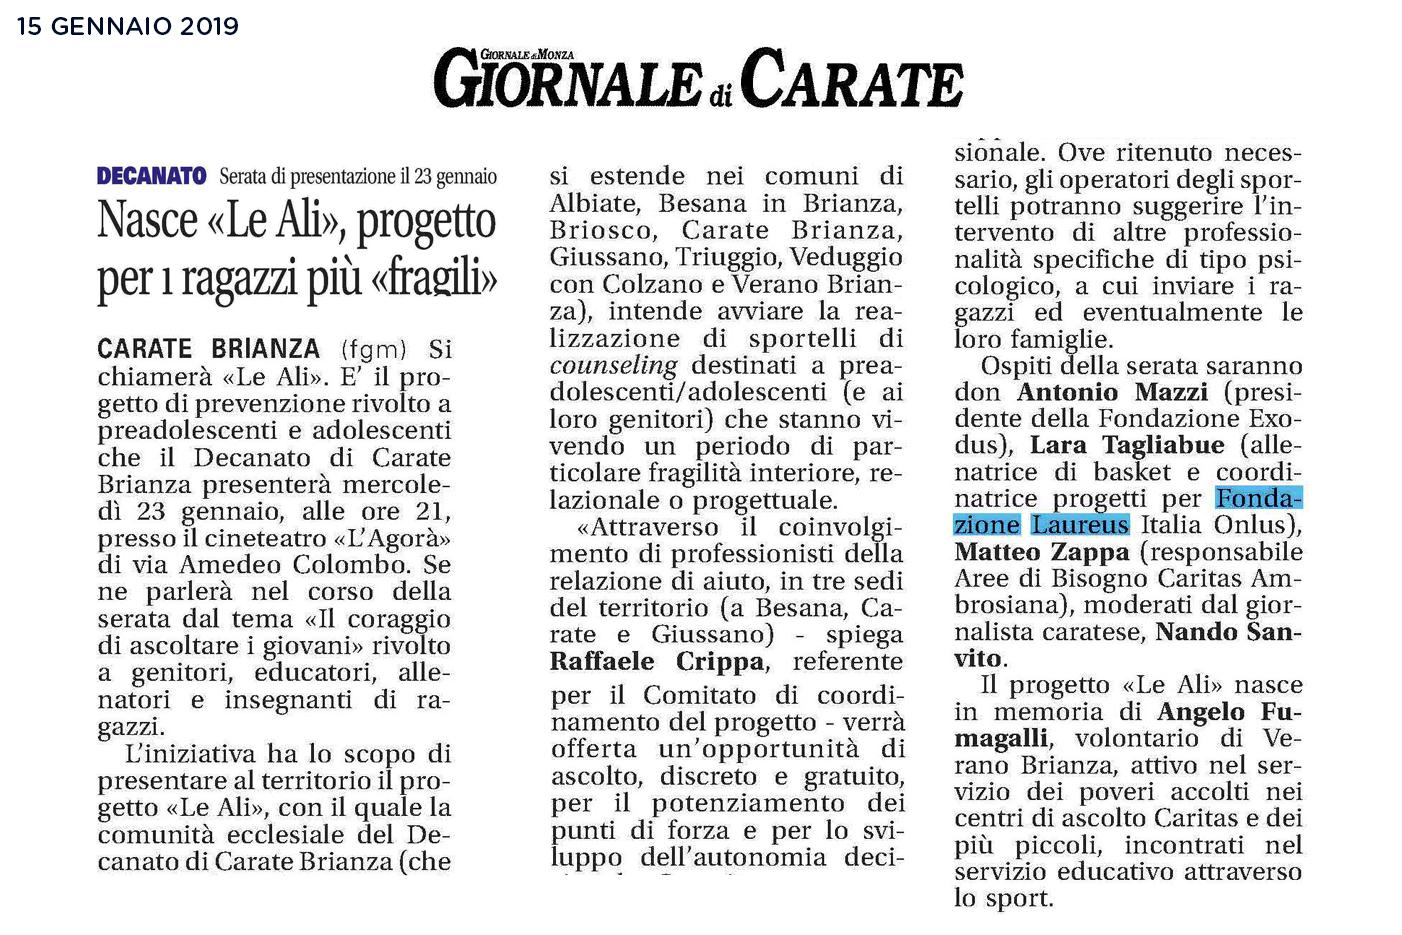 15-01-2019_GIORNALE-DI-CARATE